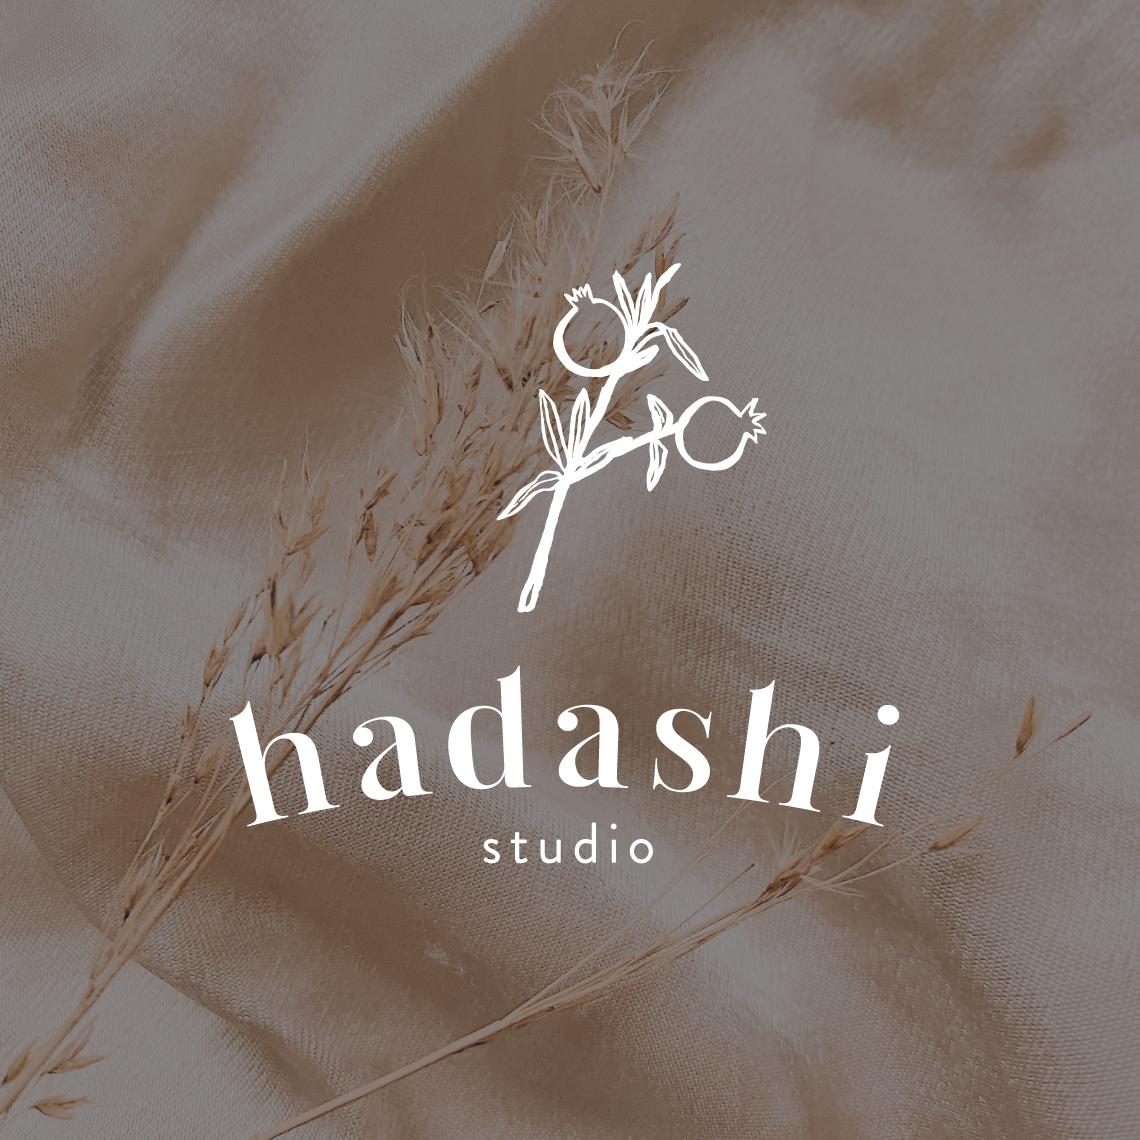 Imagen de marca para Hadashi Studio